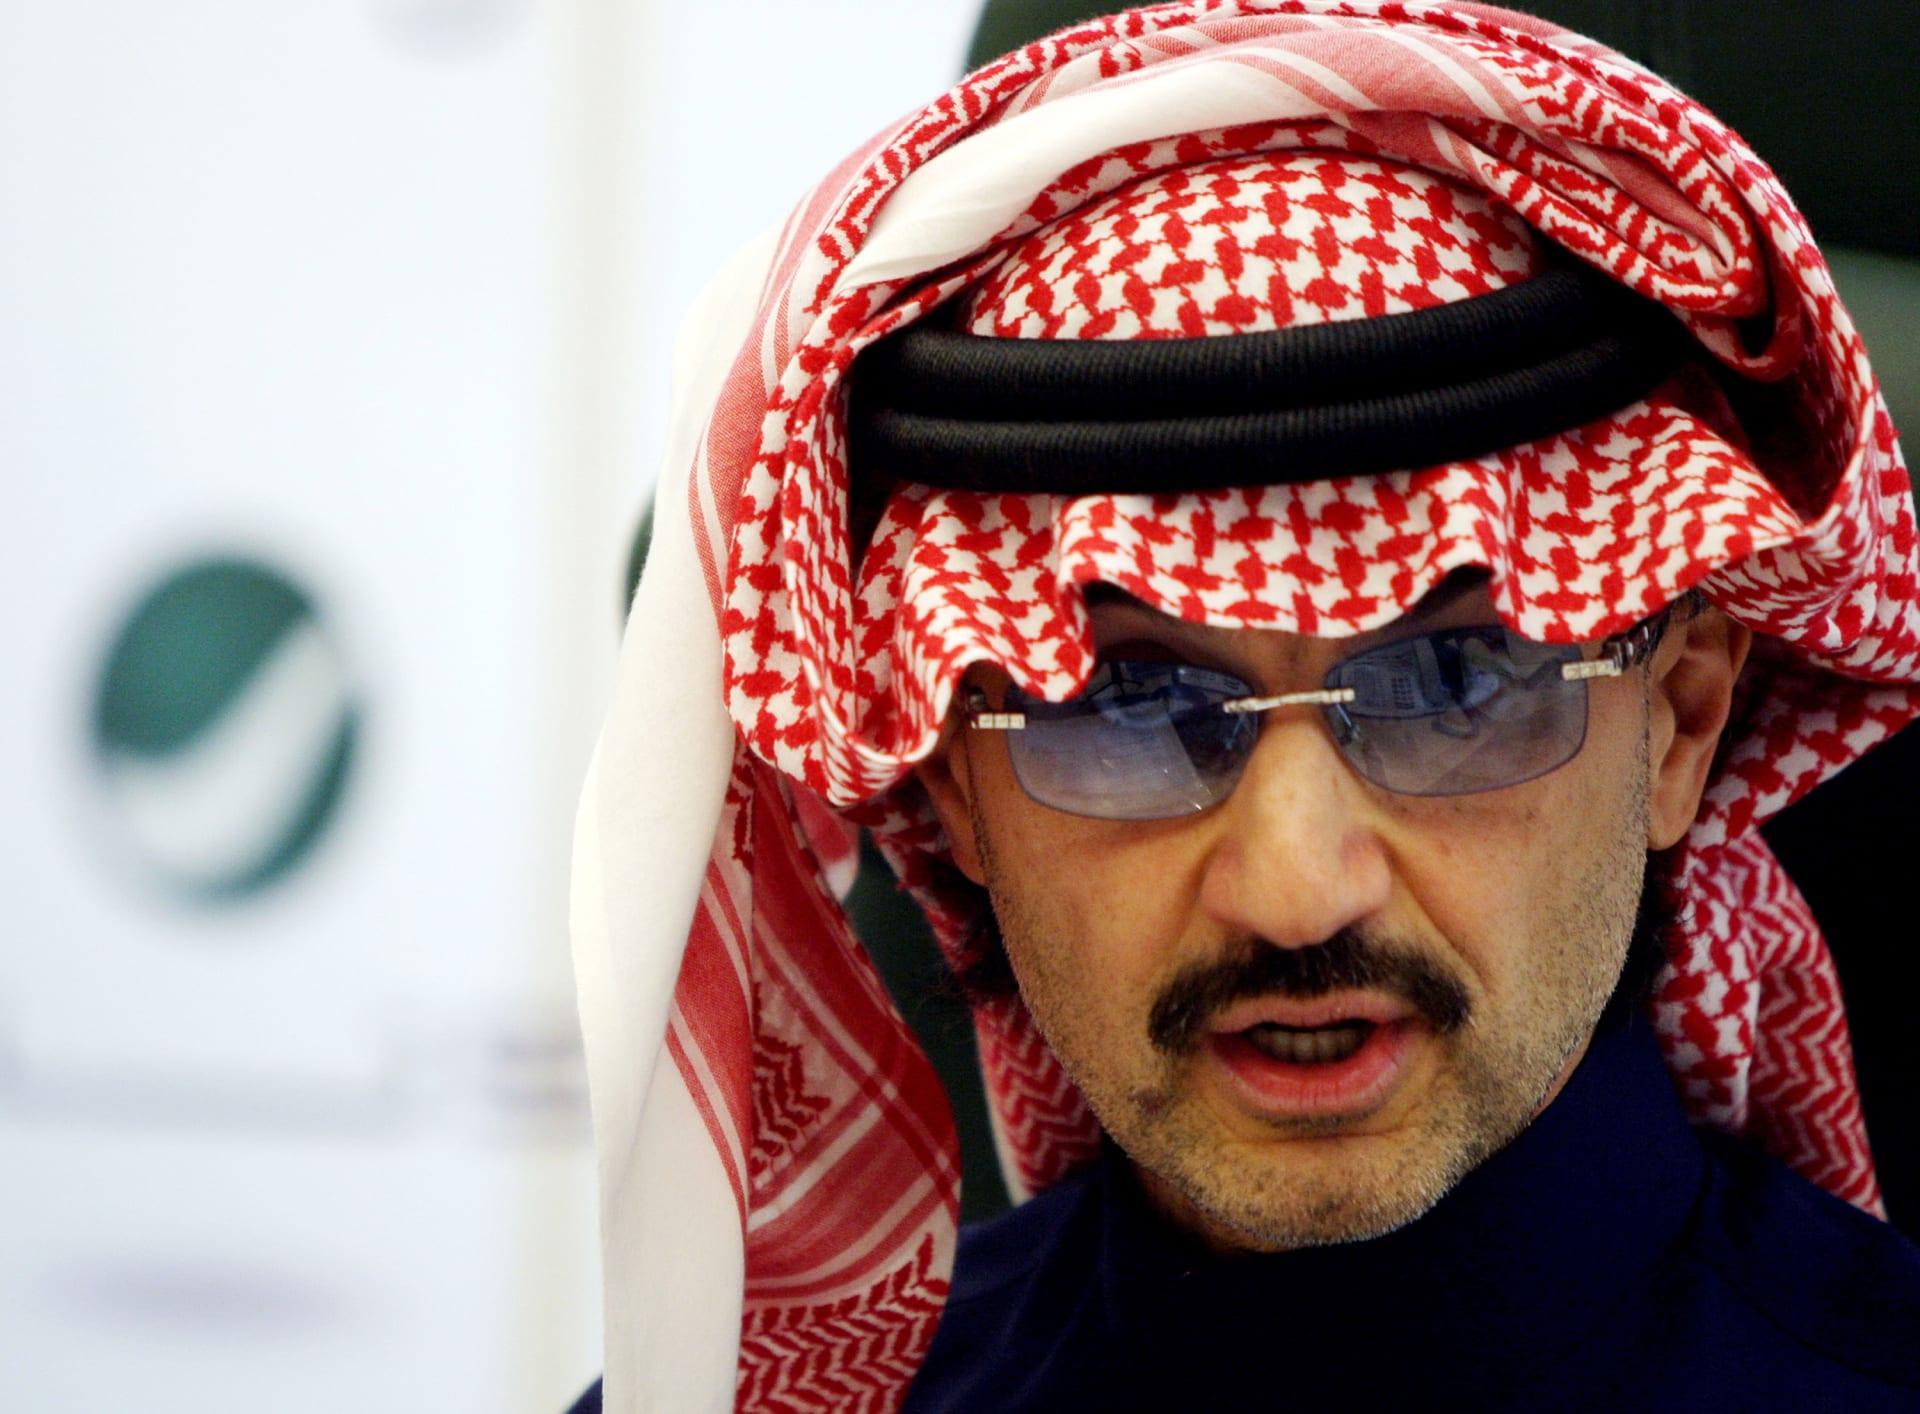 صحيفة سعودية: بعد خسائر بـ89 مليون دولار.. الوليد بن طلال يبيع مشروعه في توشكى للجيش المصري